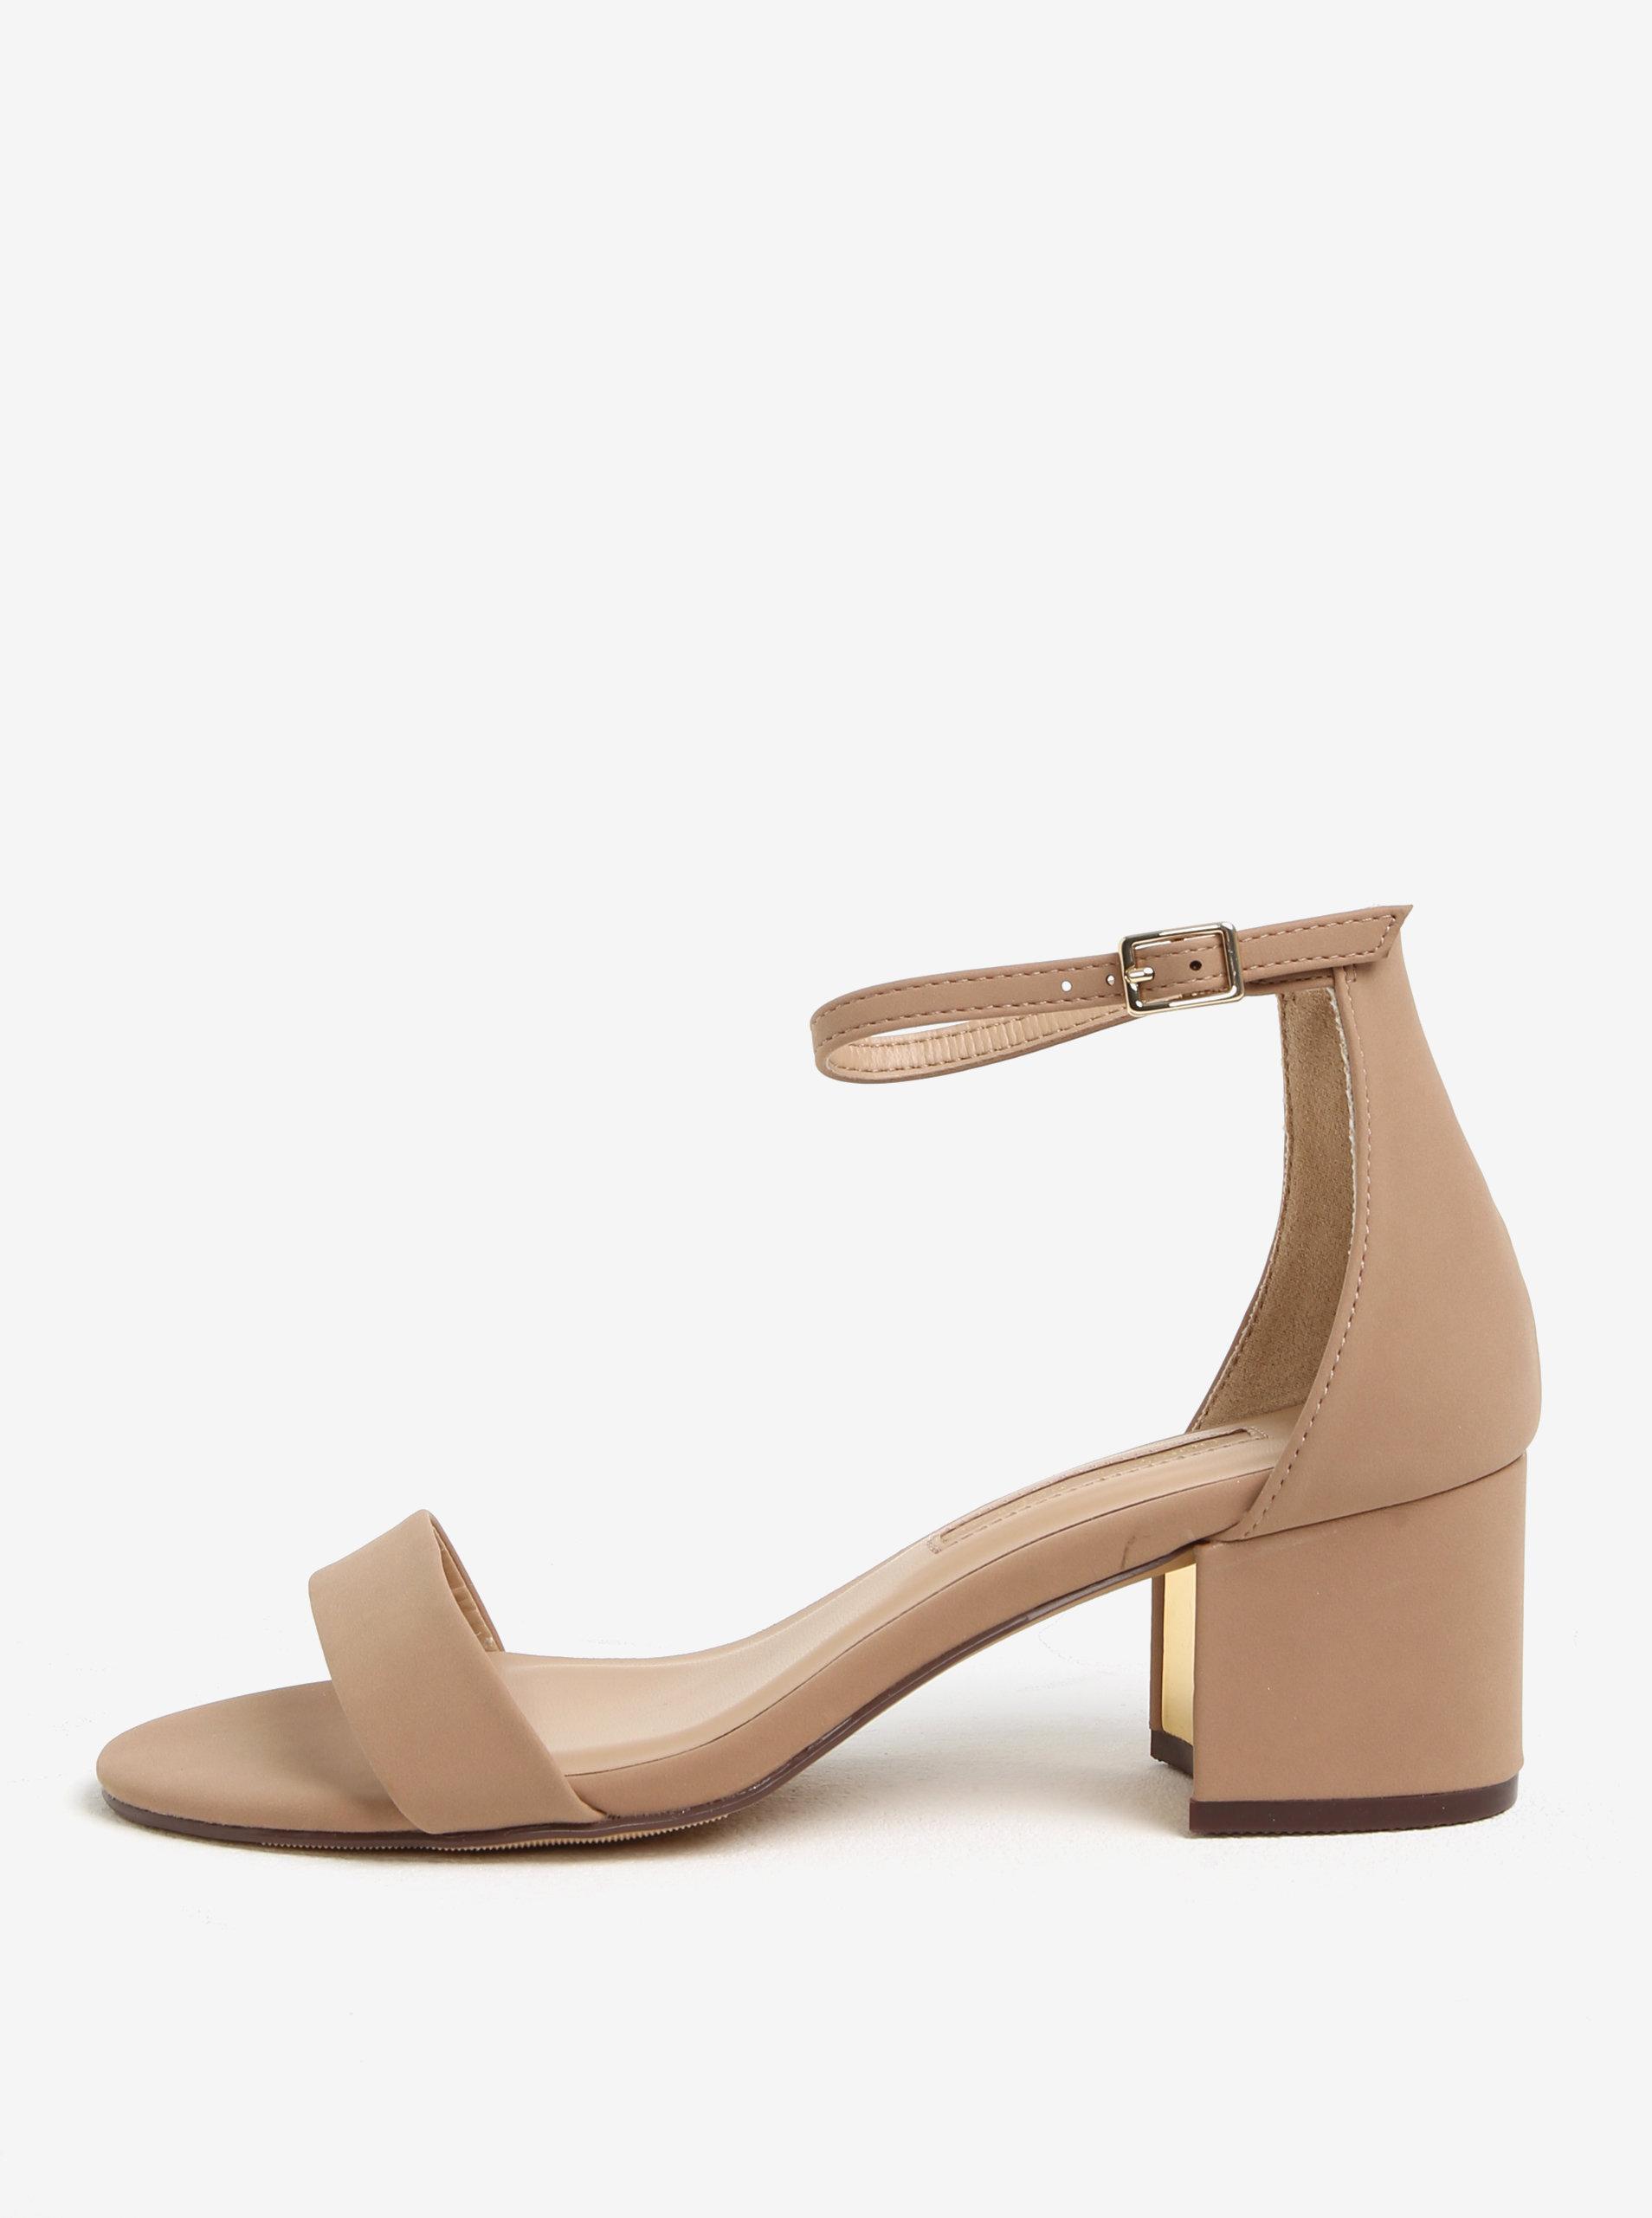 Béžové sandále na podpätku Dorothy Perkins ... 58927fcf0e